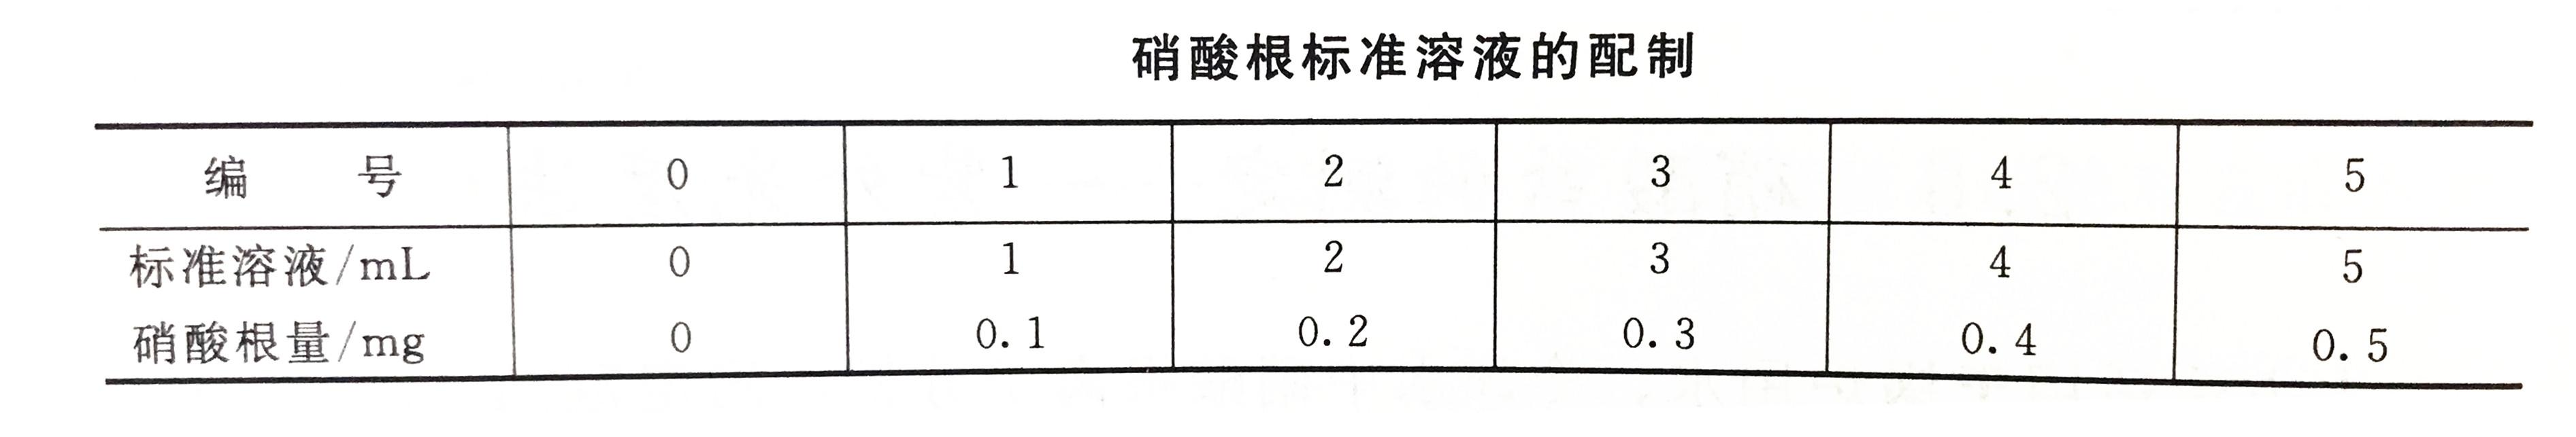 硝酸根标准溶液的配制